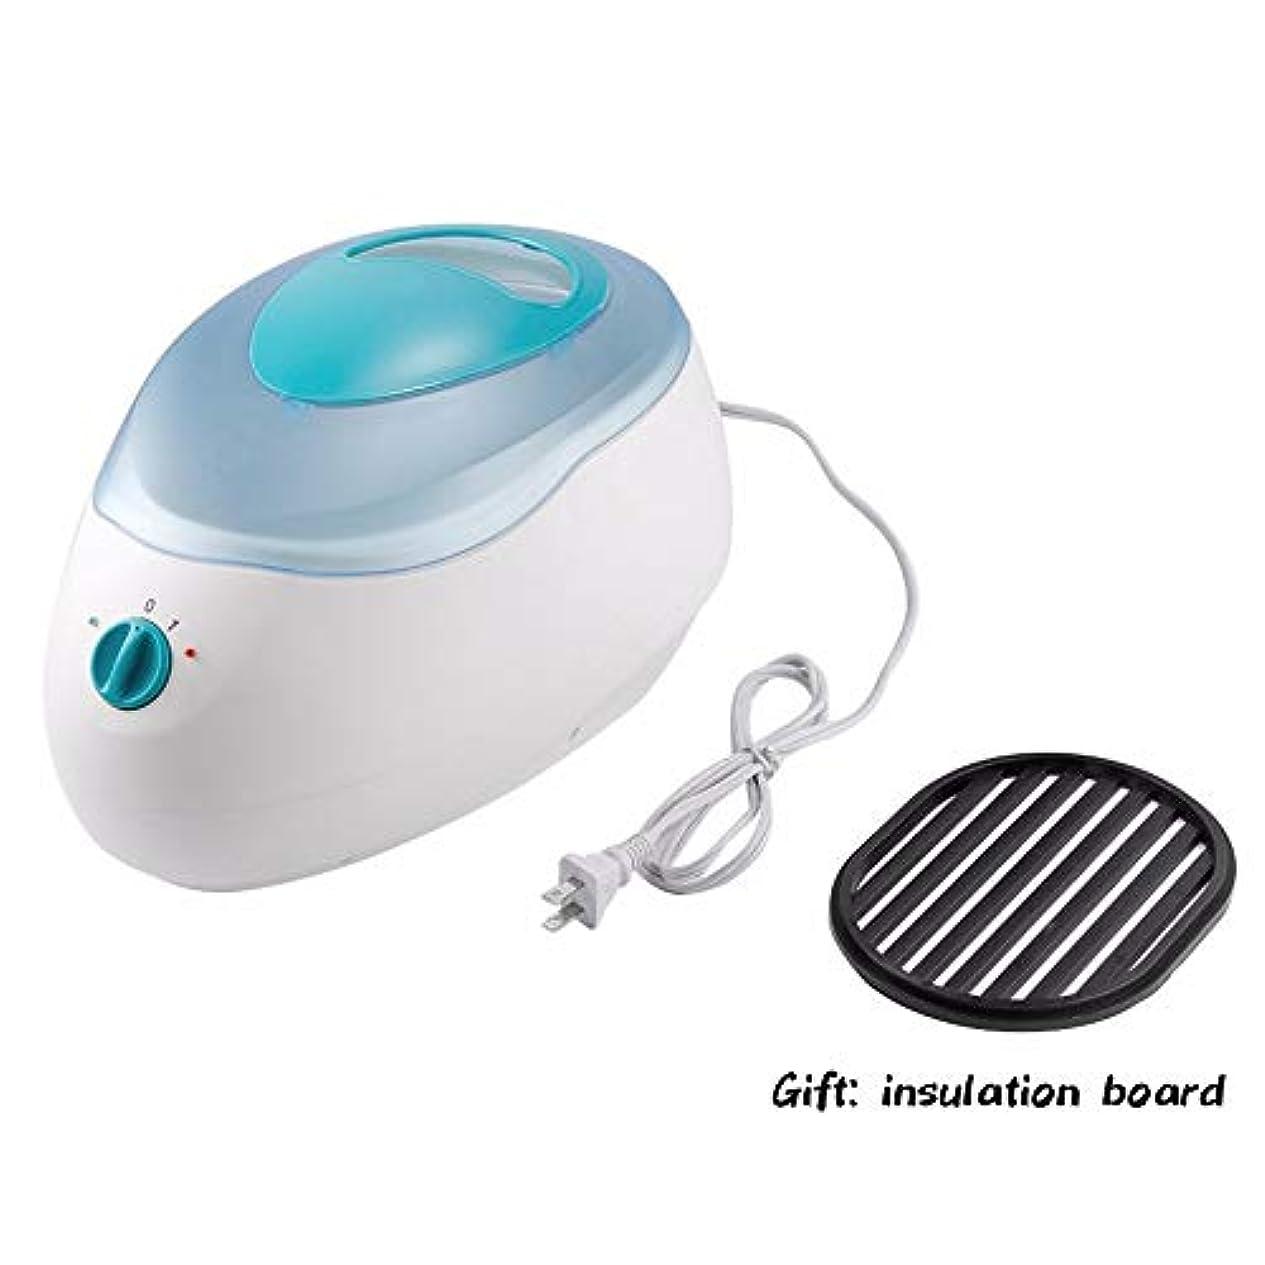 ダーリン噴水動物ワックスヒーター機200ワットパラフィンヒーター療法浴室ワックスポットヒーター美容院スパ2レベル制御機用スキンケアツール